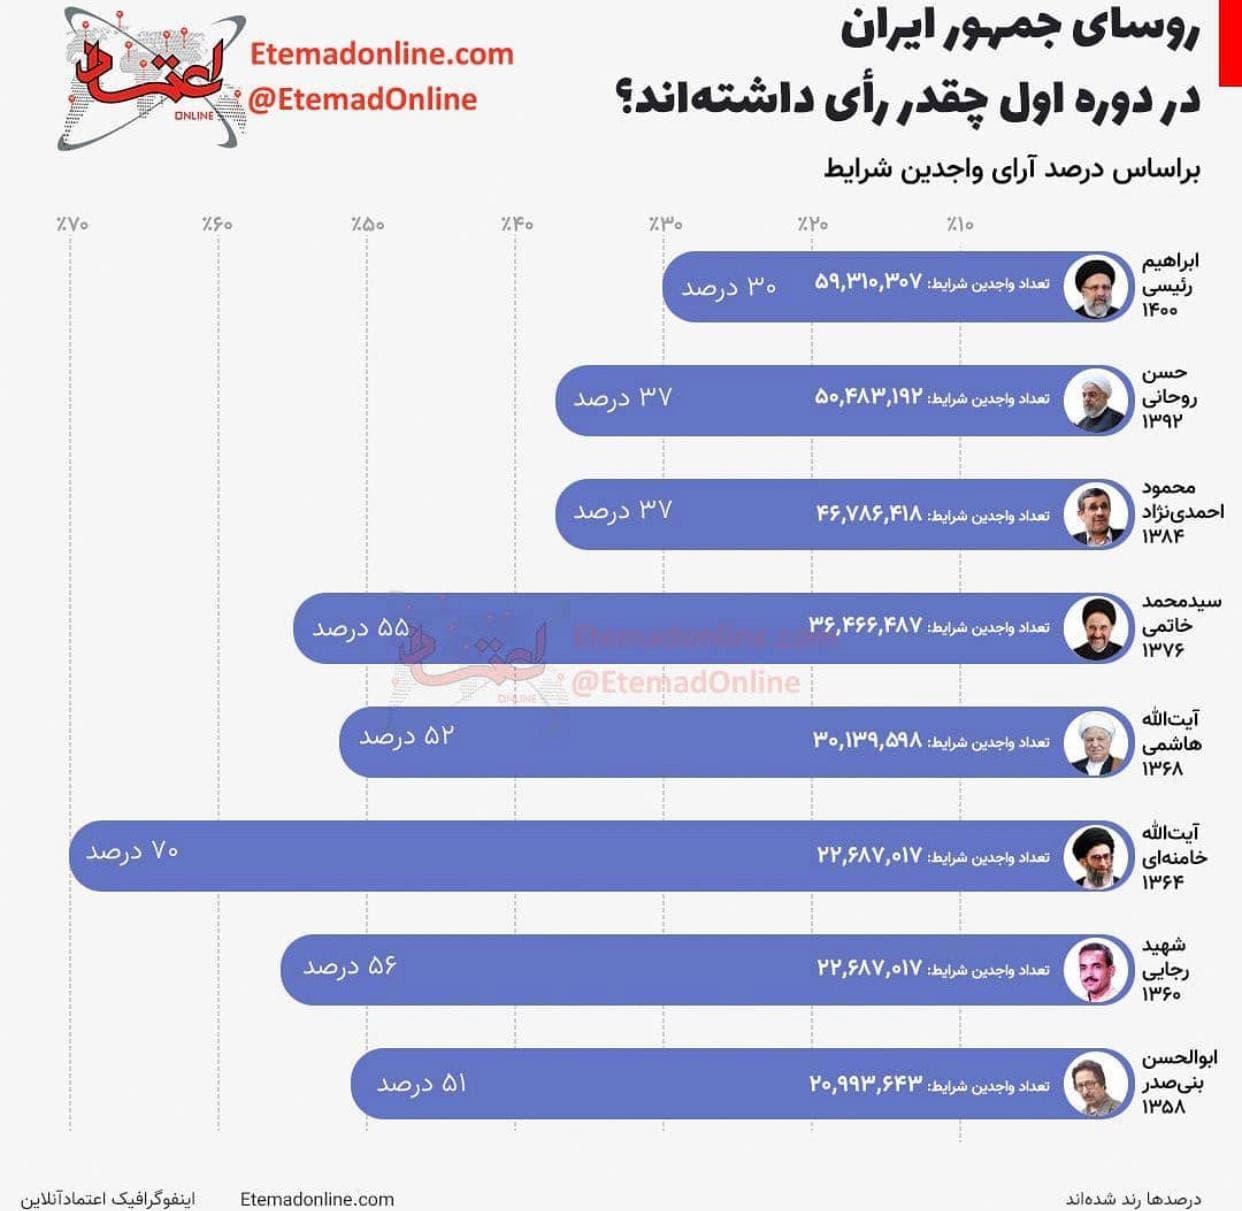 میزان رای روسای جمهور ایران در دوره اول +عکس